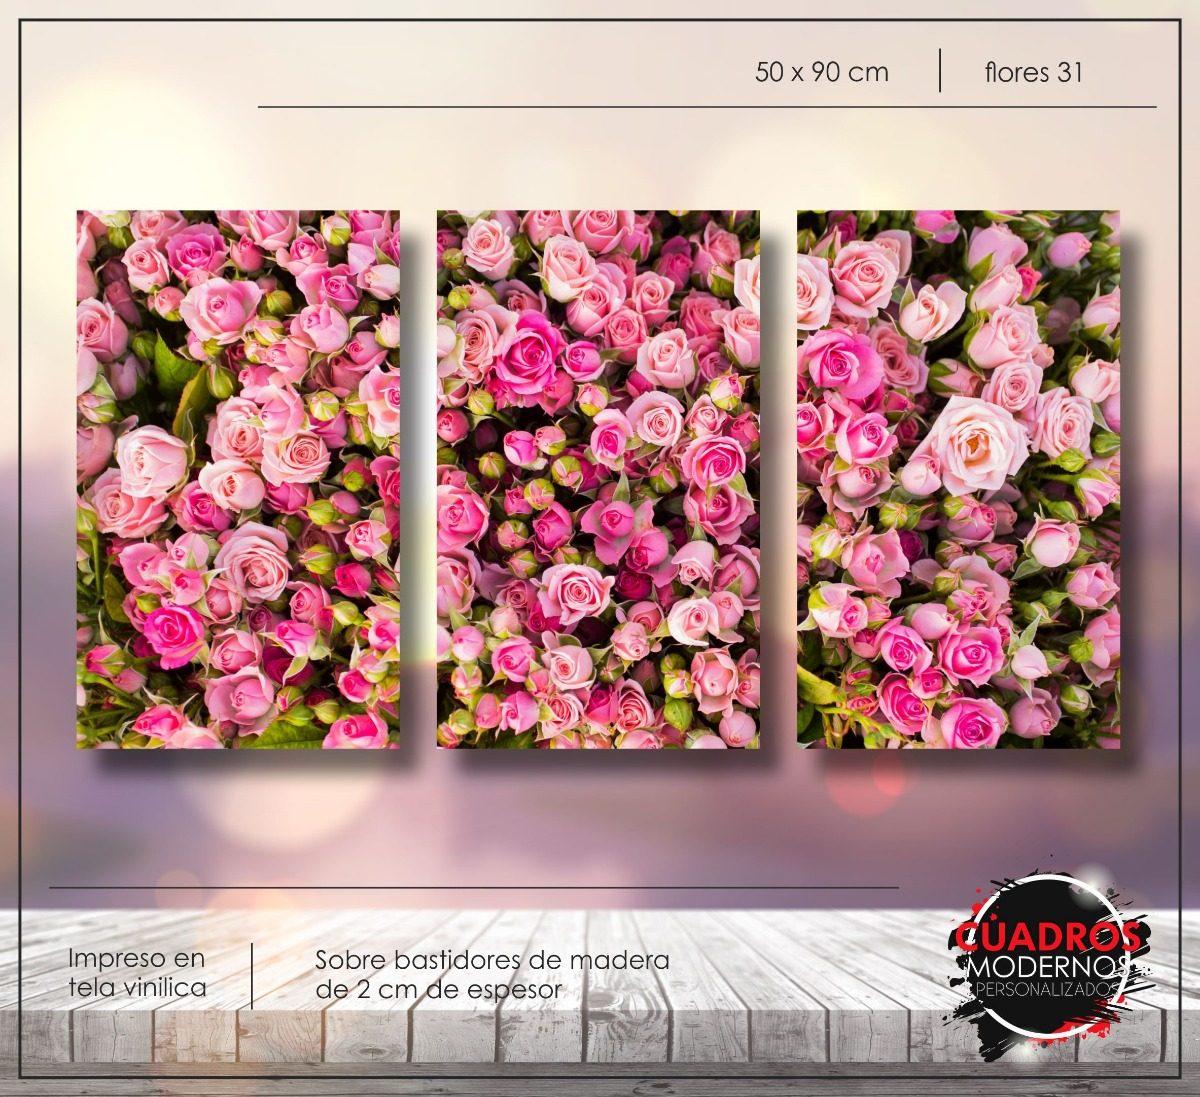 Imagenes De Cuadros Modernos De Flores